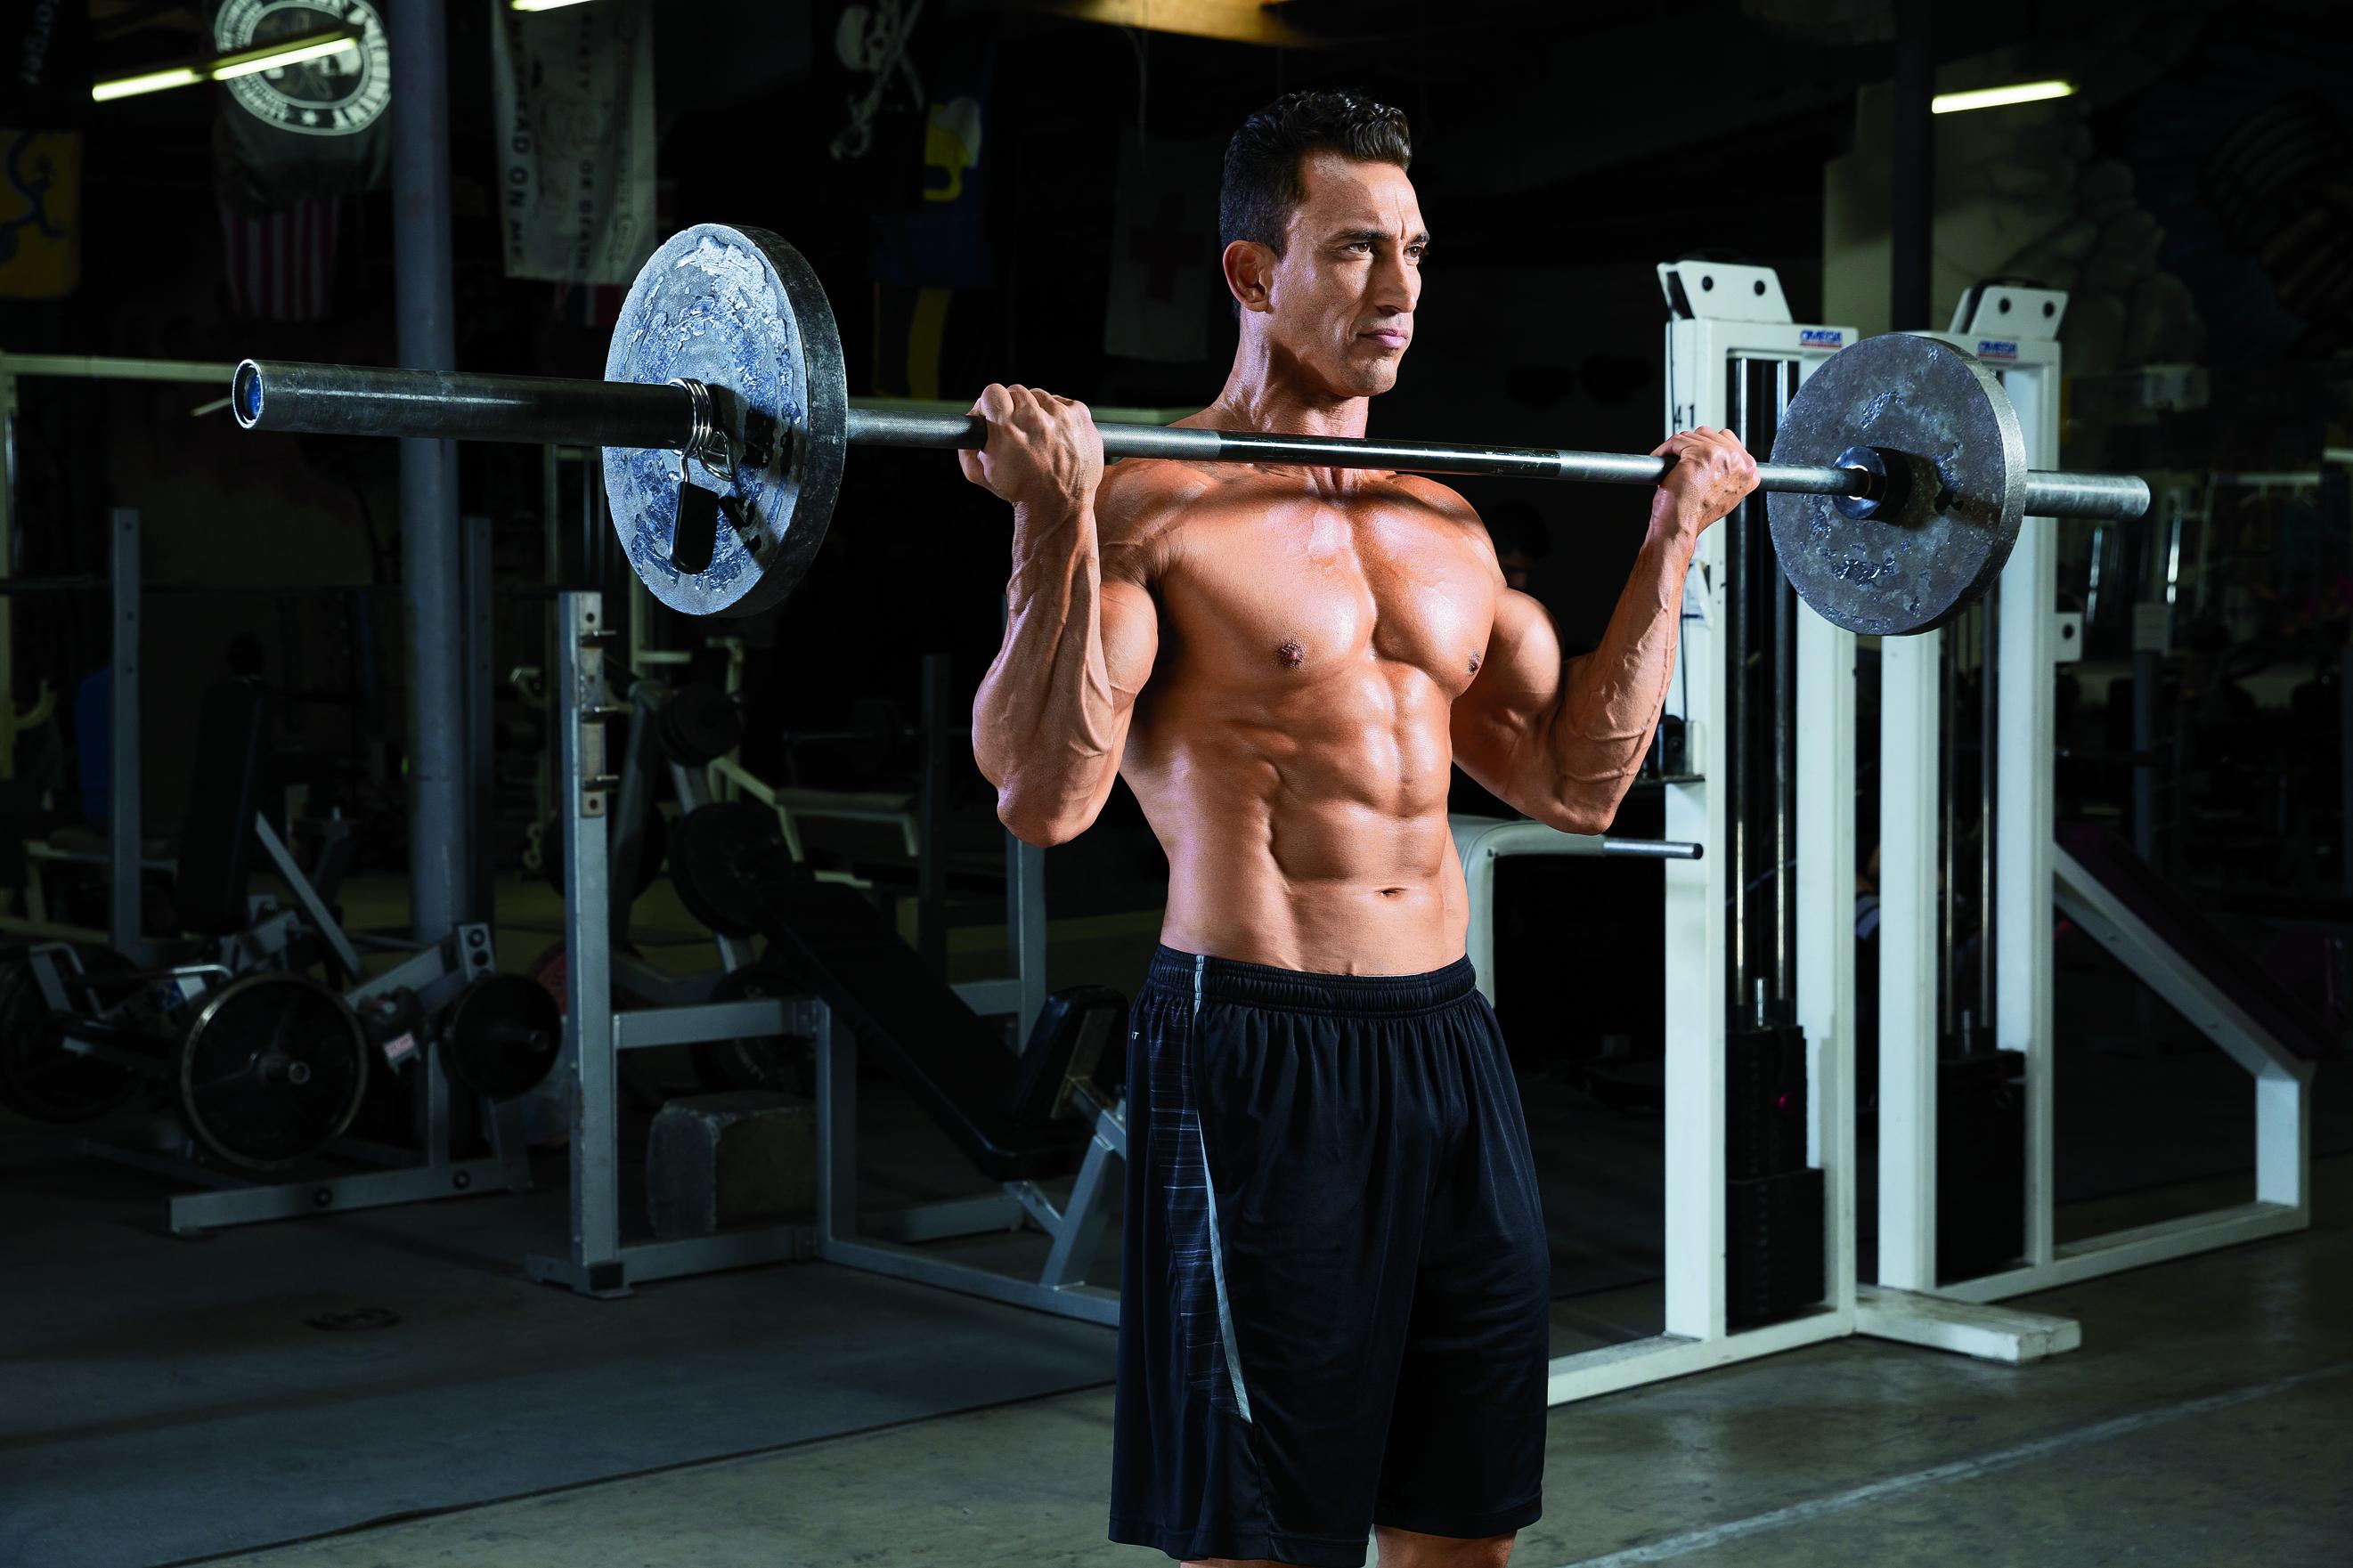 Bicepsové zdvihy ve stoji svelkou činkou širokým úchopem - trénink na bicepsy